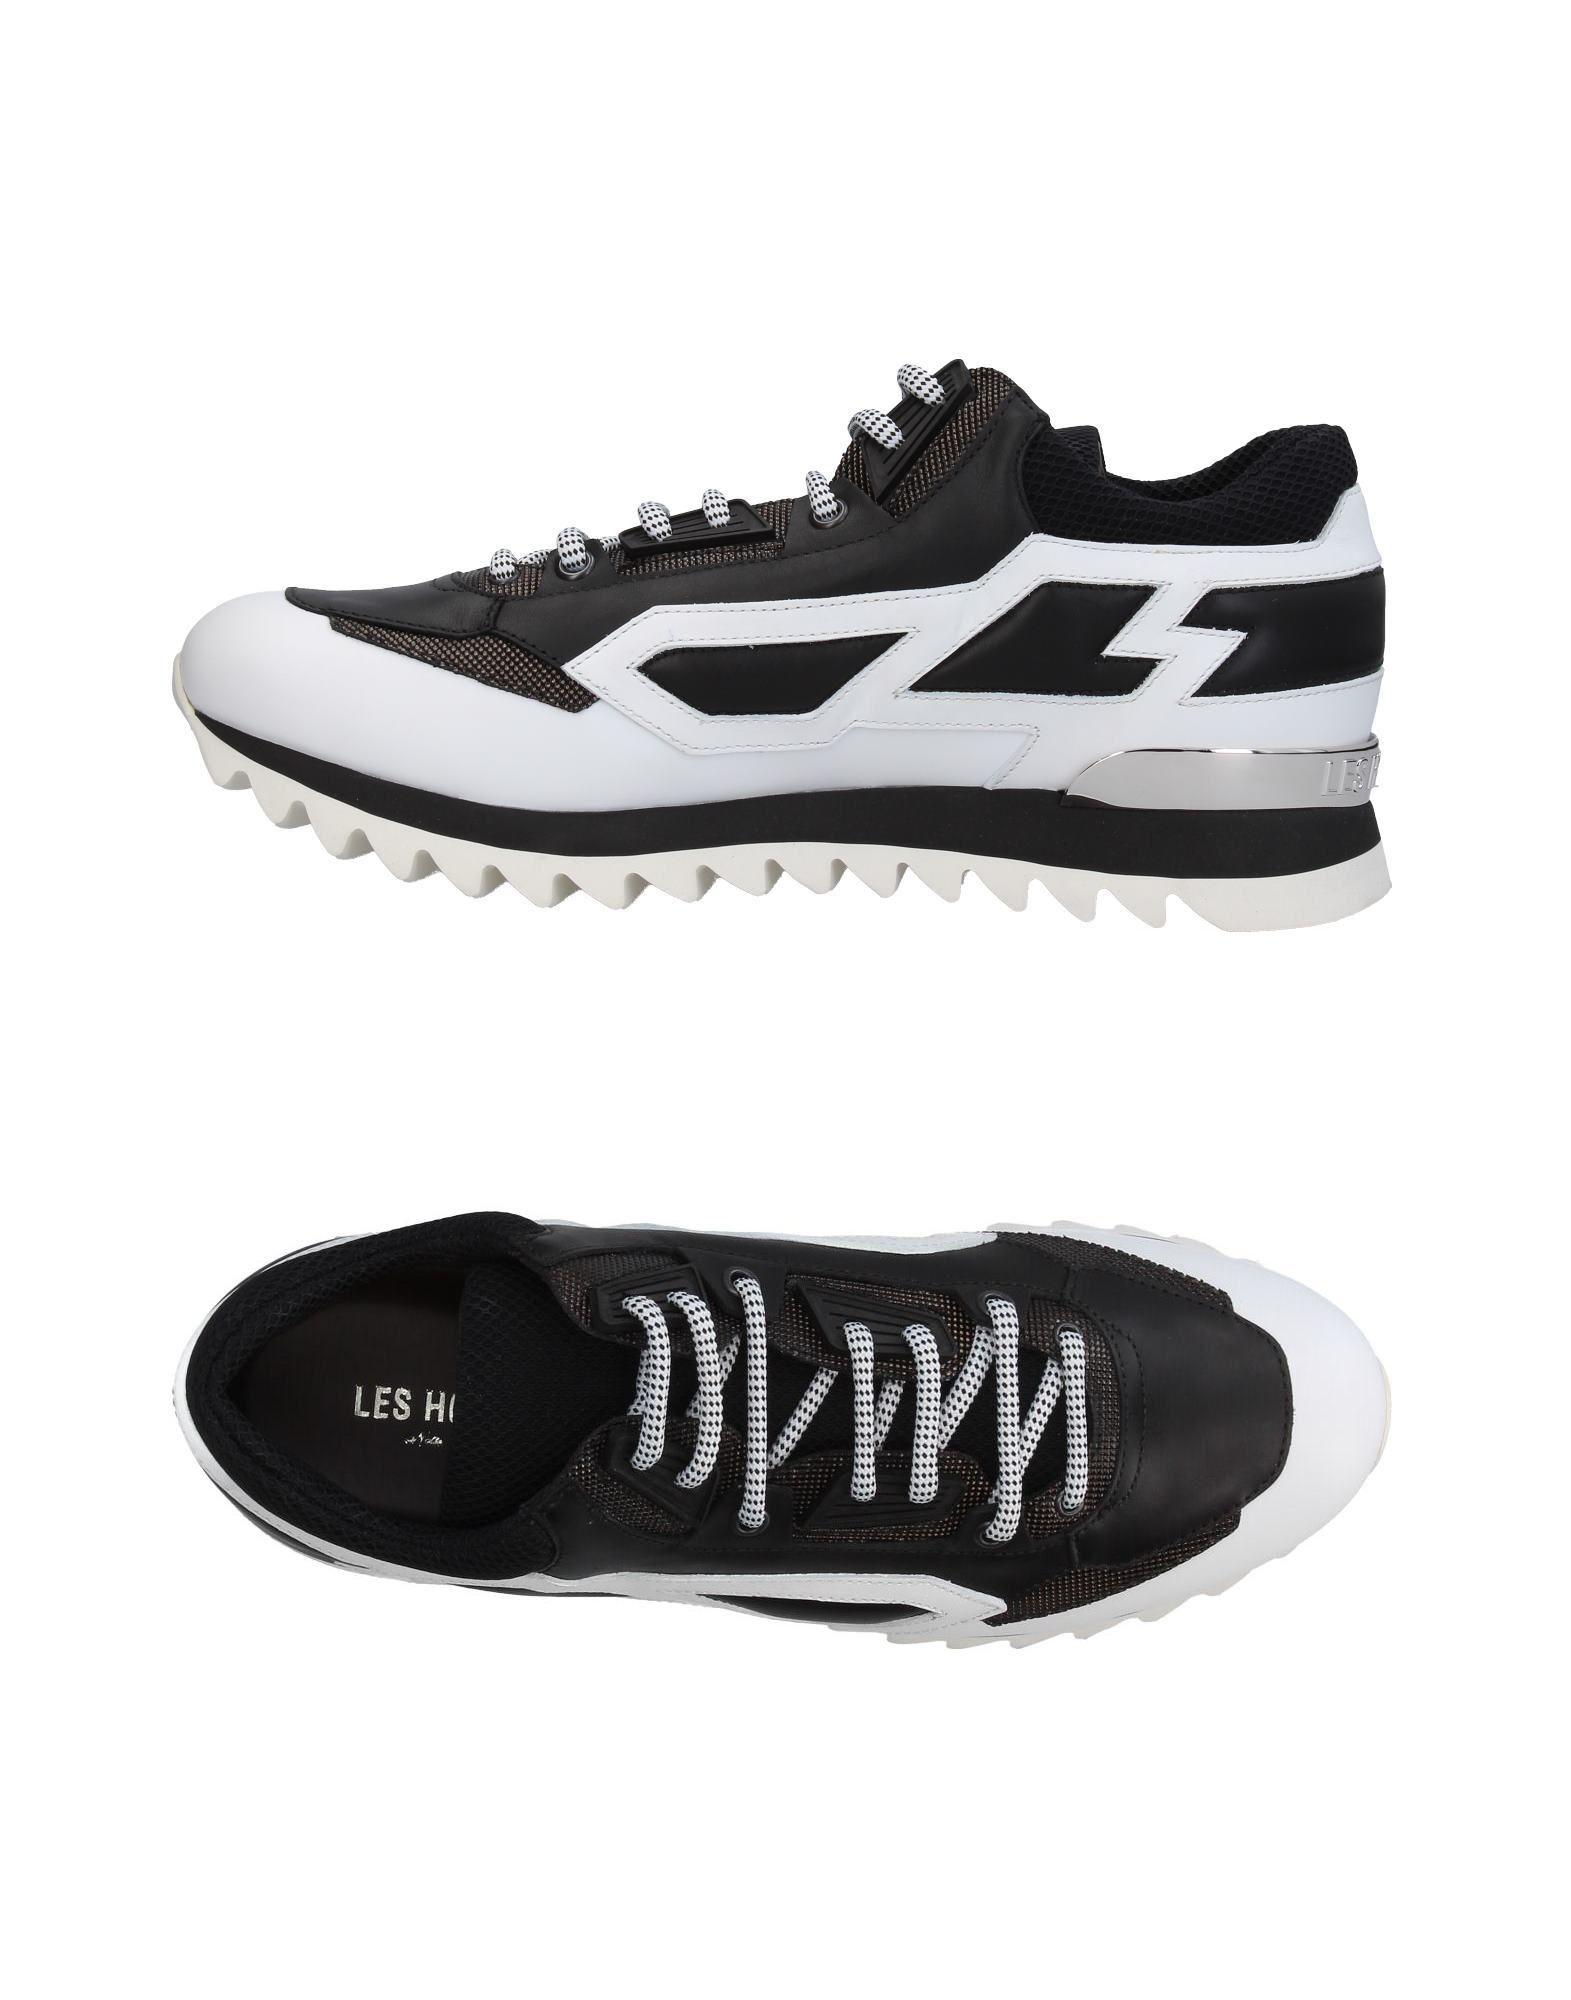 LES HOMMES Herren Low Sneakers & Tennisschuhe Farbe Schwarz Größe 9 - broschei